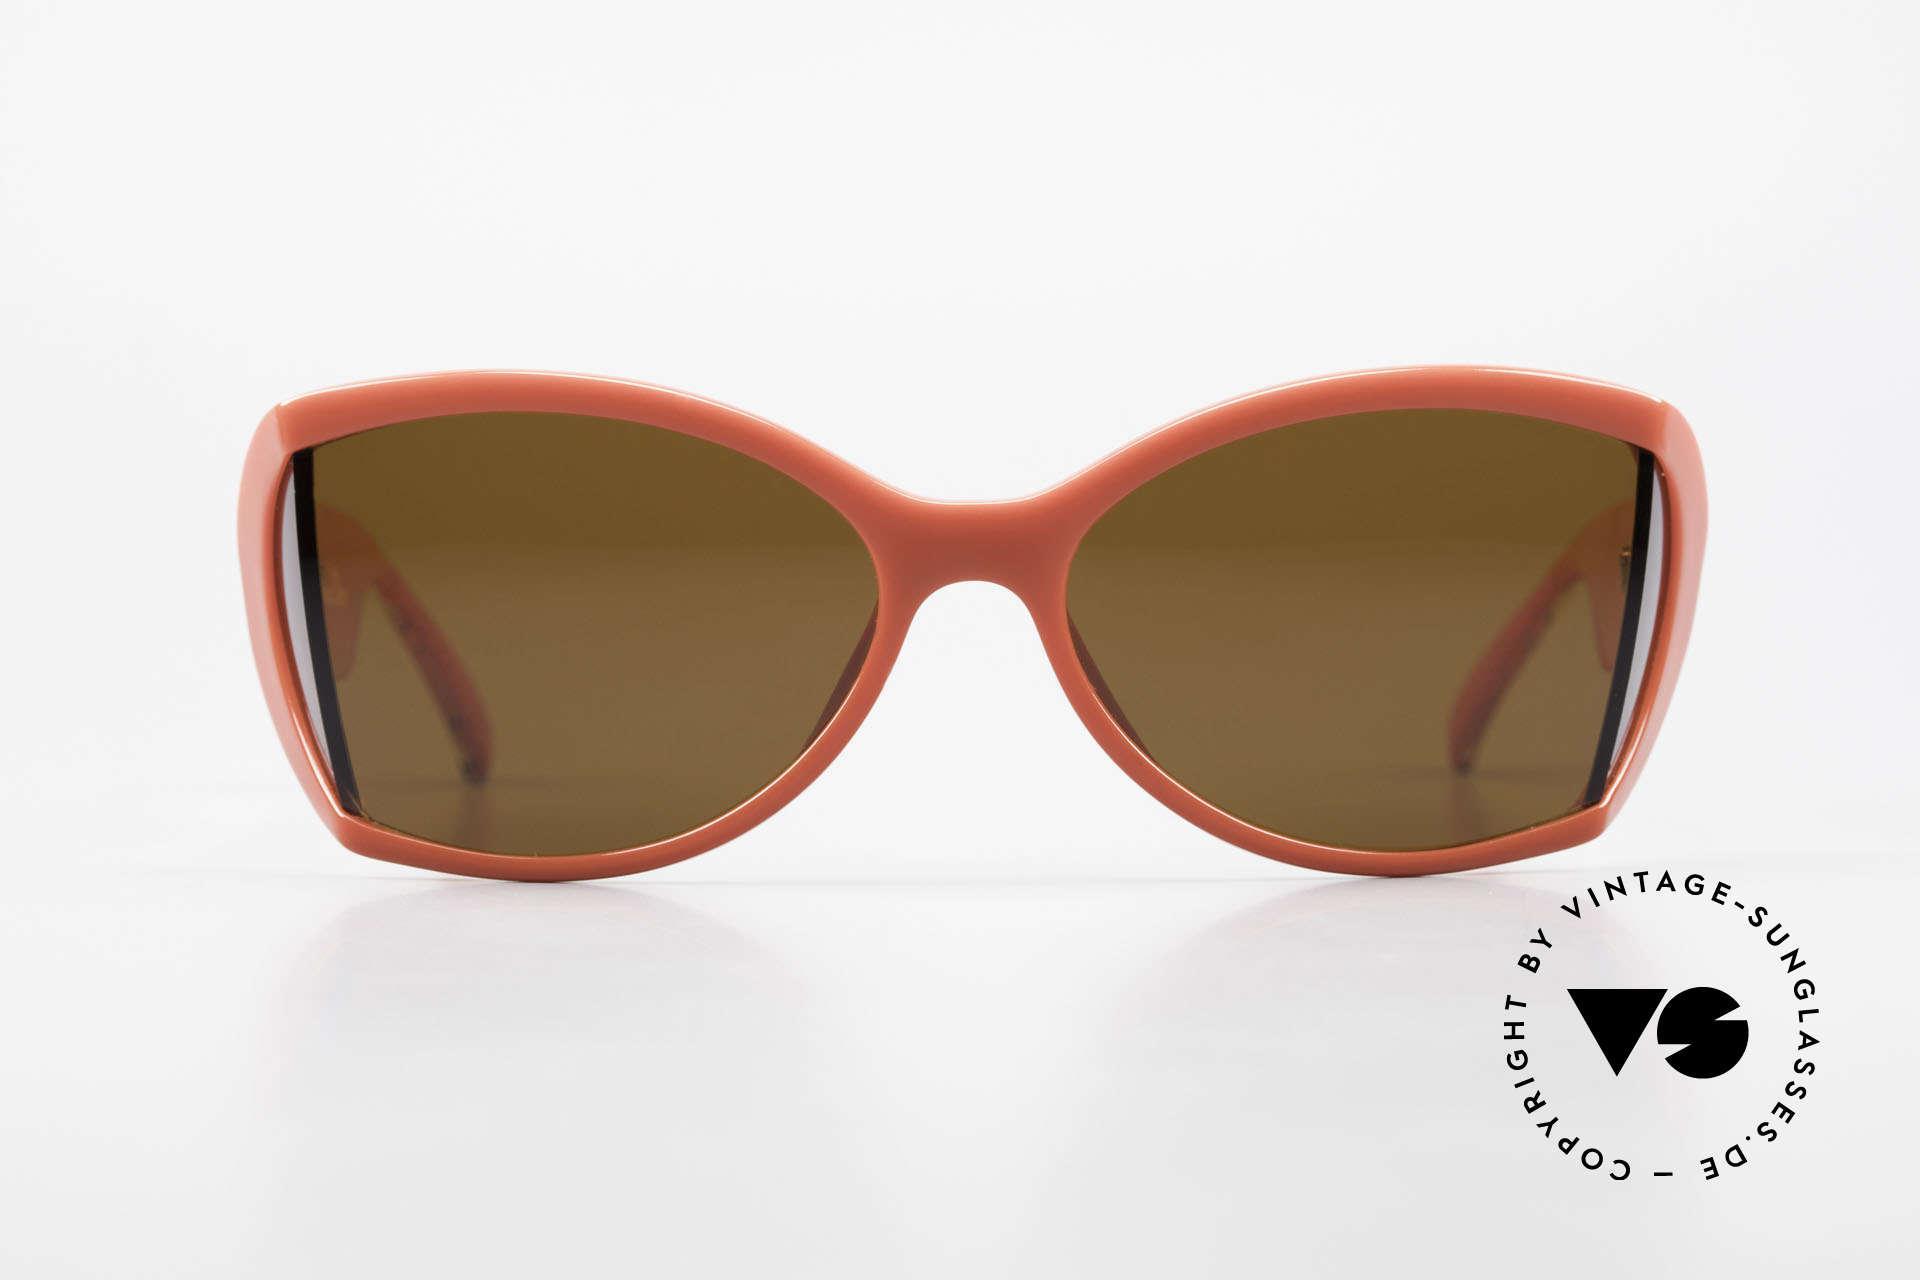 Christian Dior 2439 80s Sonnenbrille Seitenblenden, zauberhafte Farben und Muster dank Optyl-Material, Passend für Damen